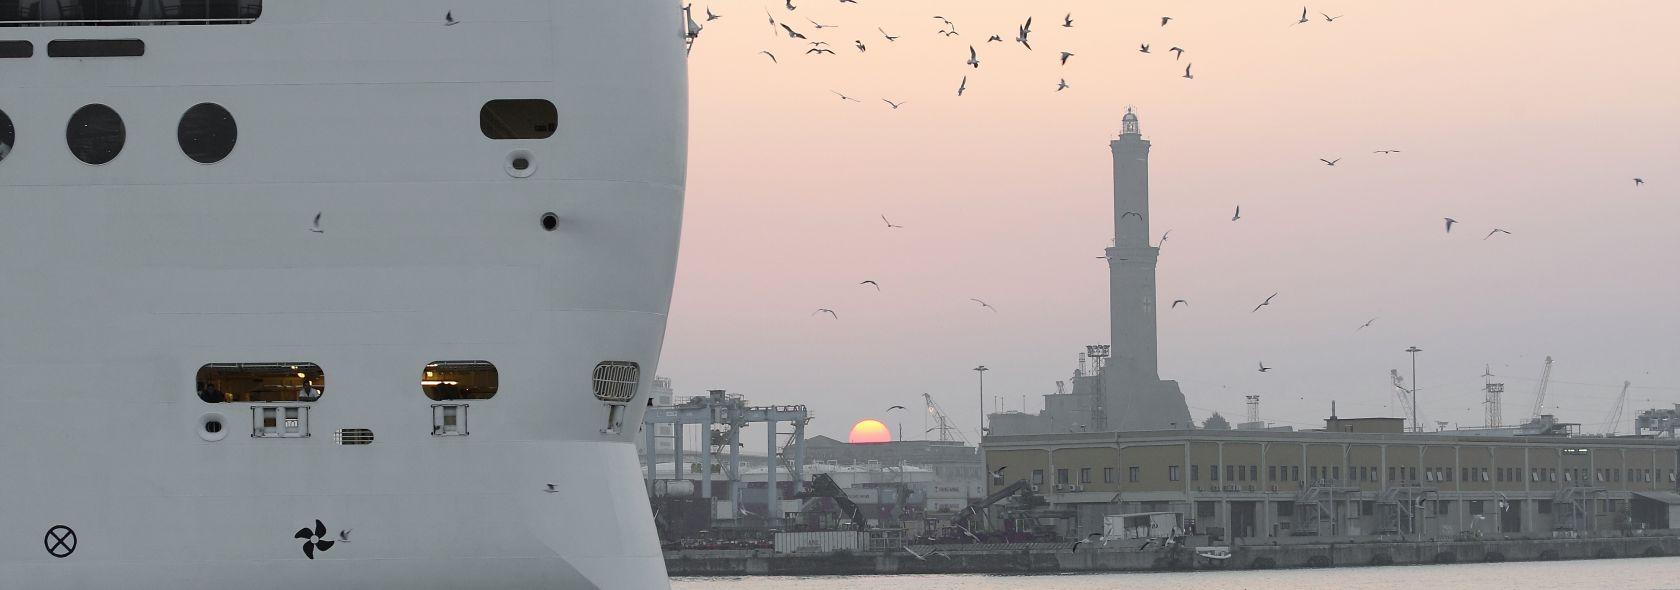 Nave da crociera nel porto di Genova - Adobe stock per Liguriadigitale Spa